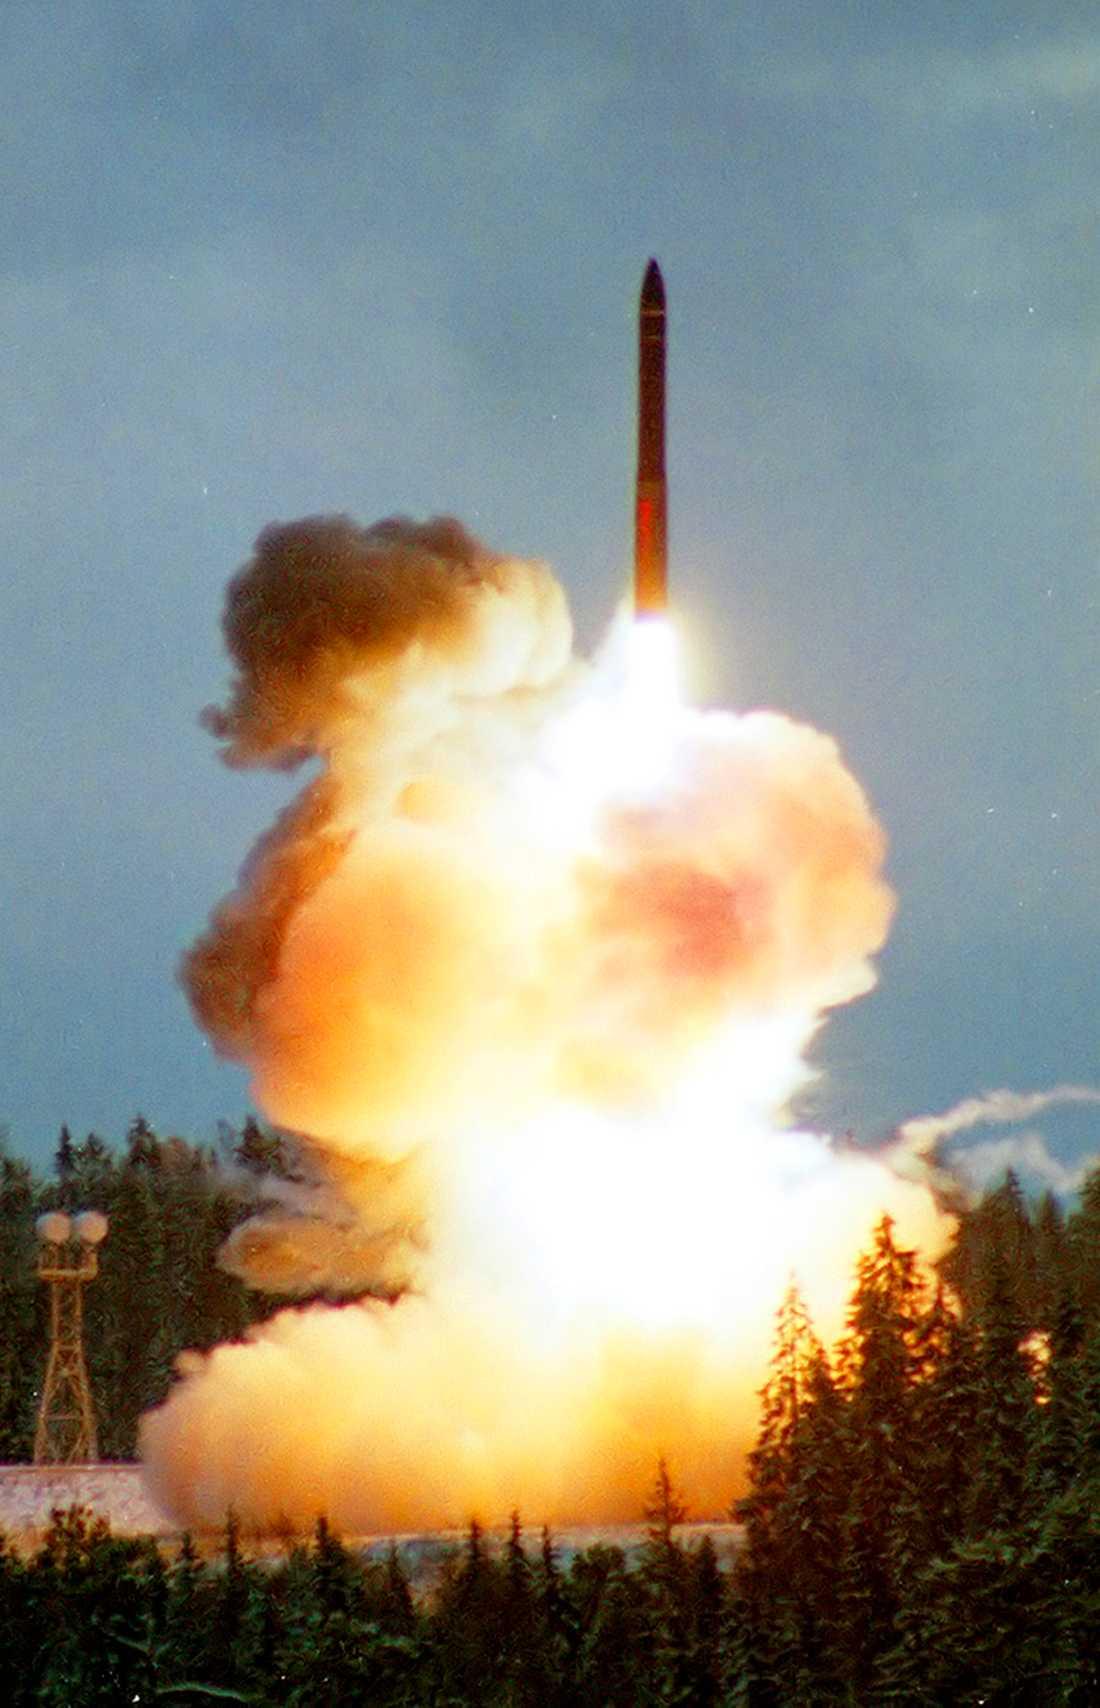 Rysk raketuppskjutning (bilden är tagen i ett annat sammanhang).